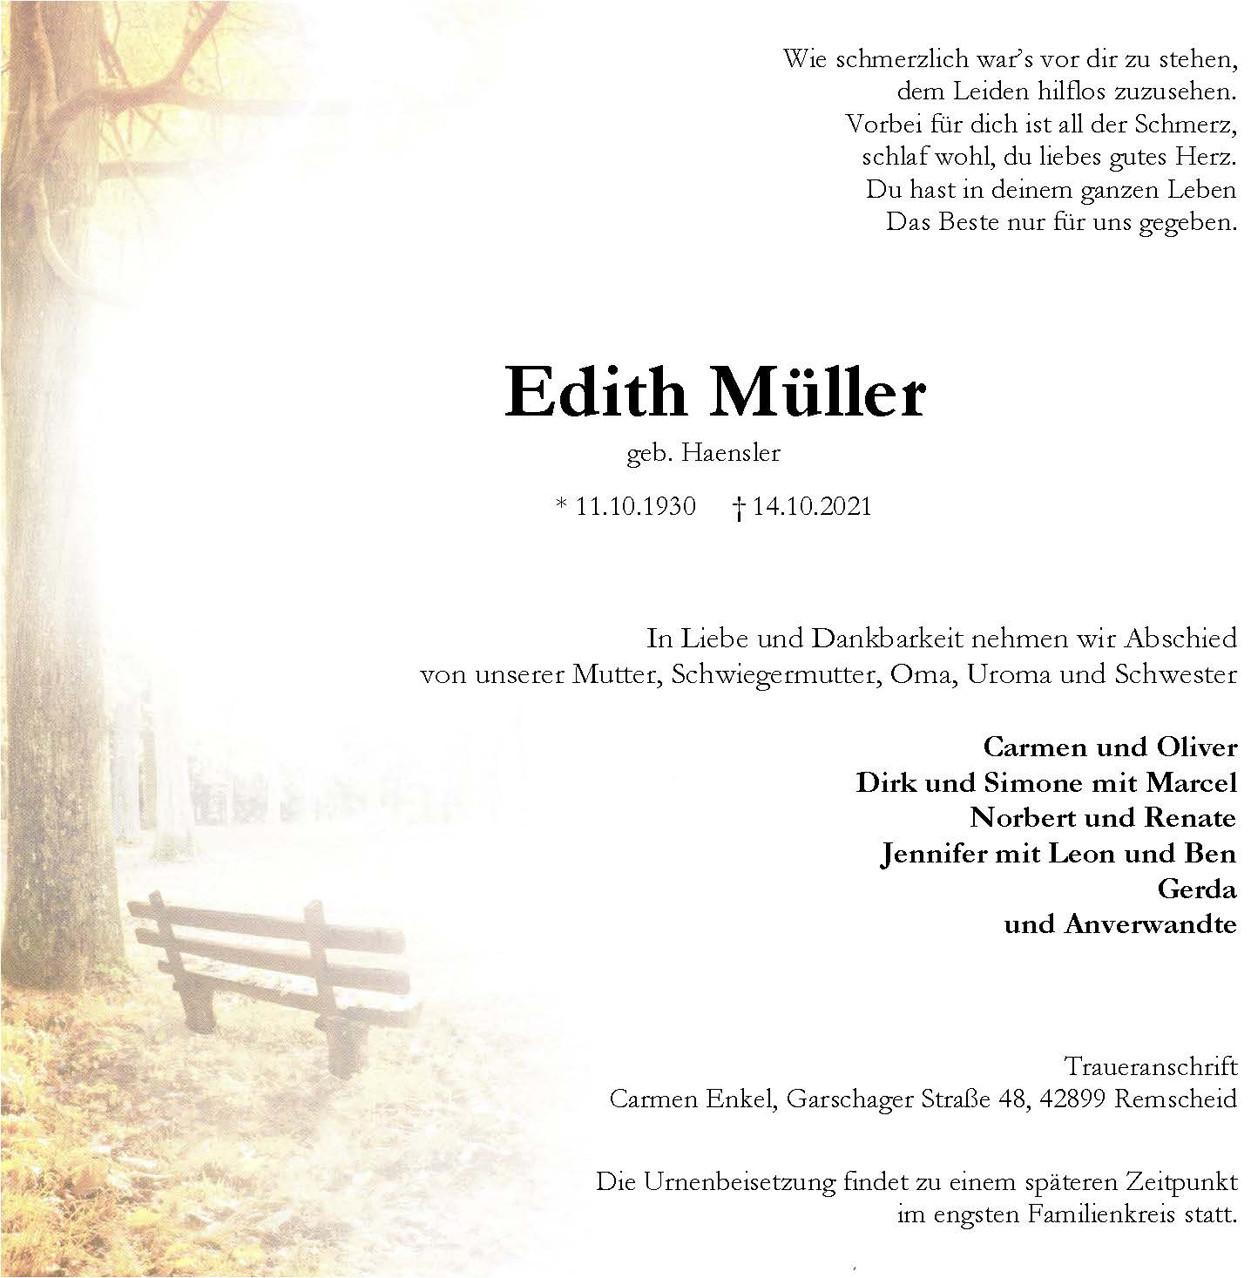 Edith Müller